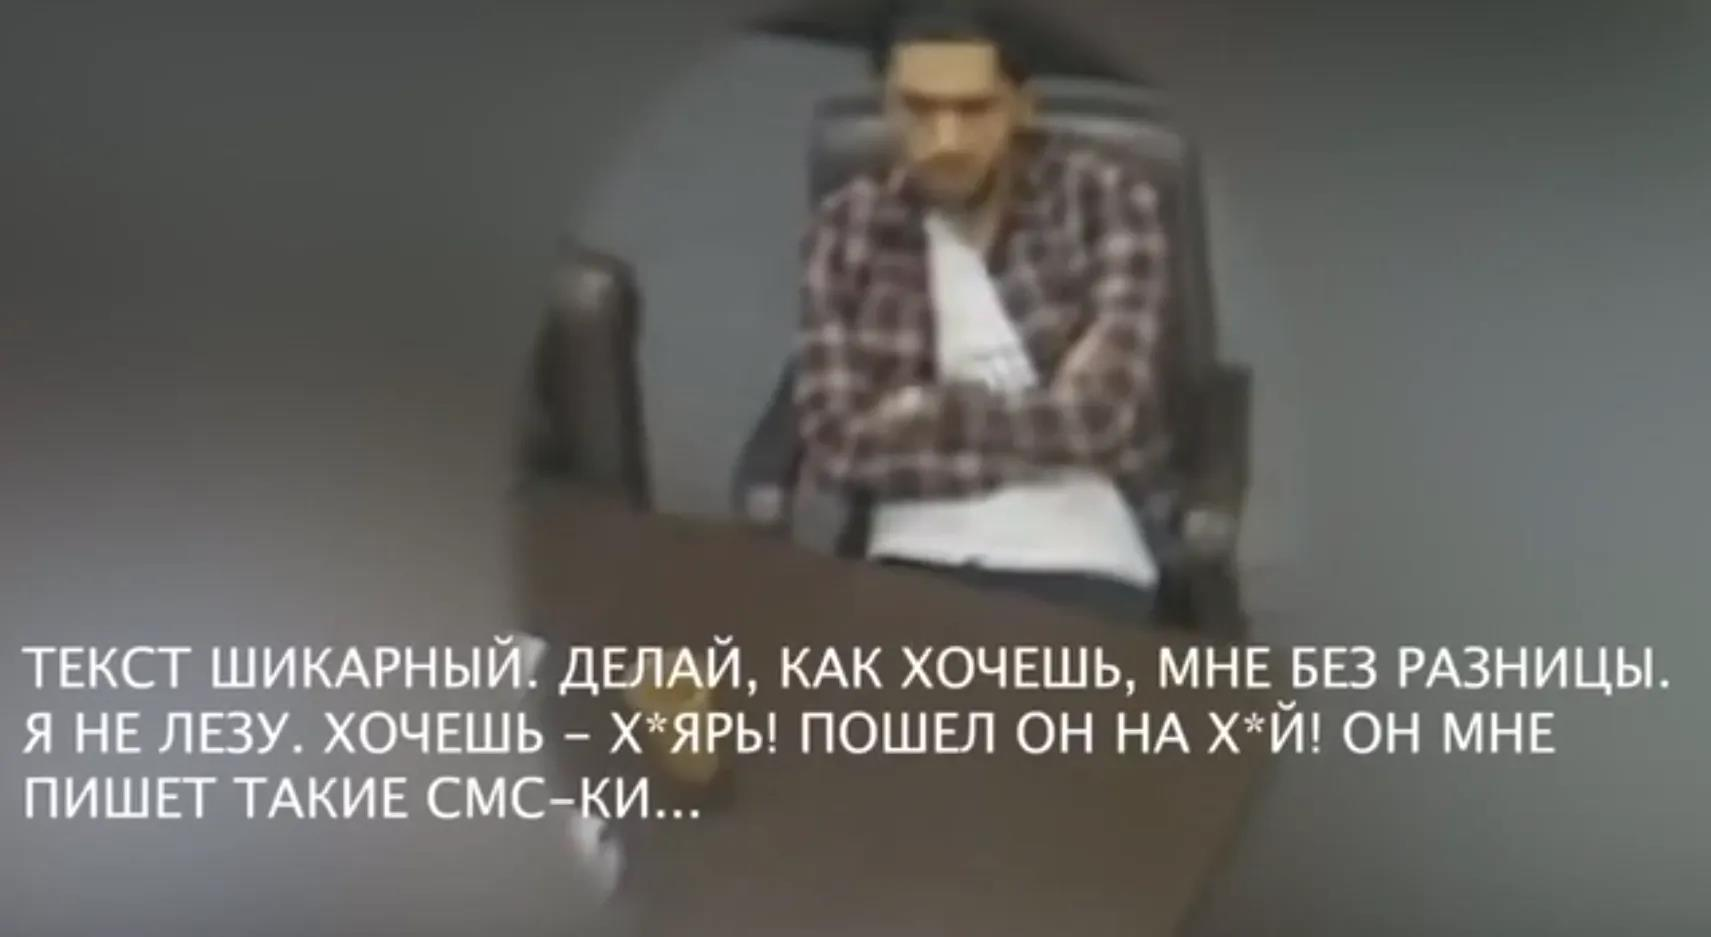 Гео Лерос міг отримати $10 тисяч за інформатаку на депутата Київради, - ЗМІ  - фото 2